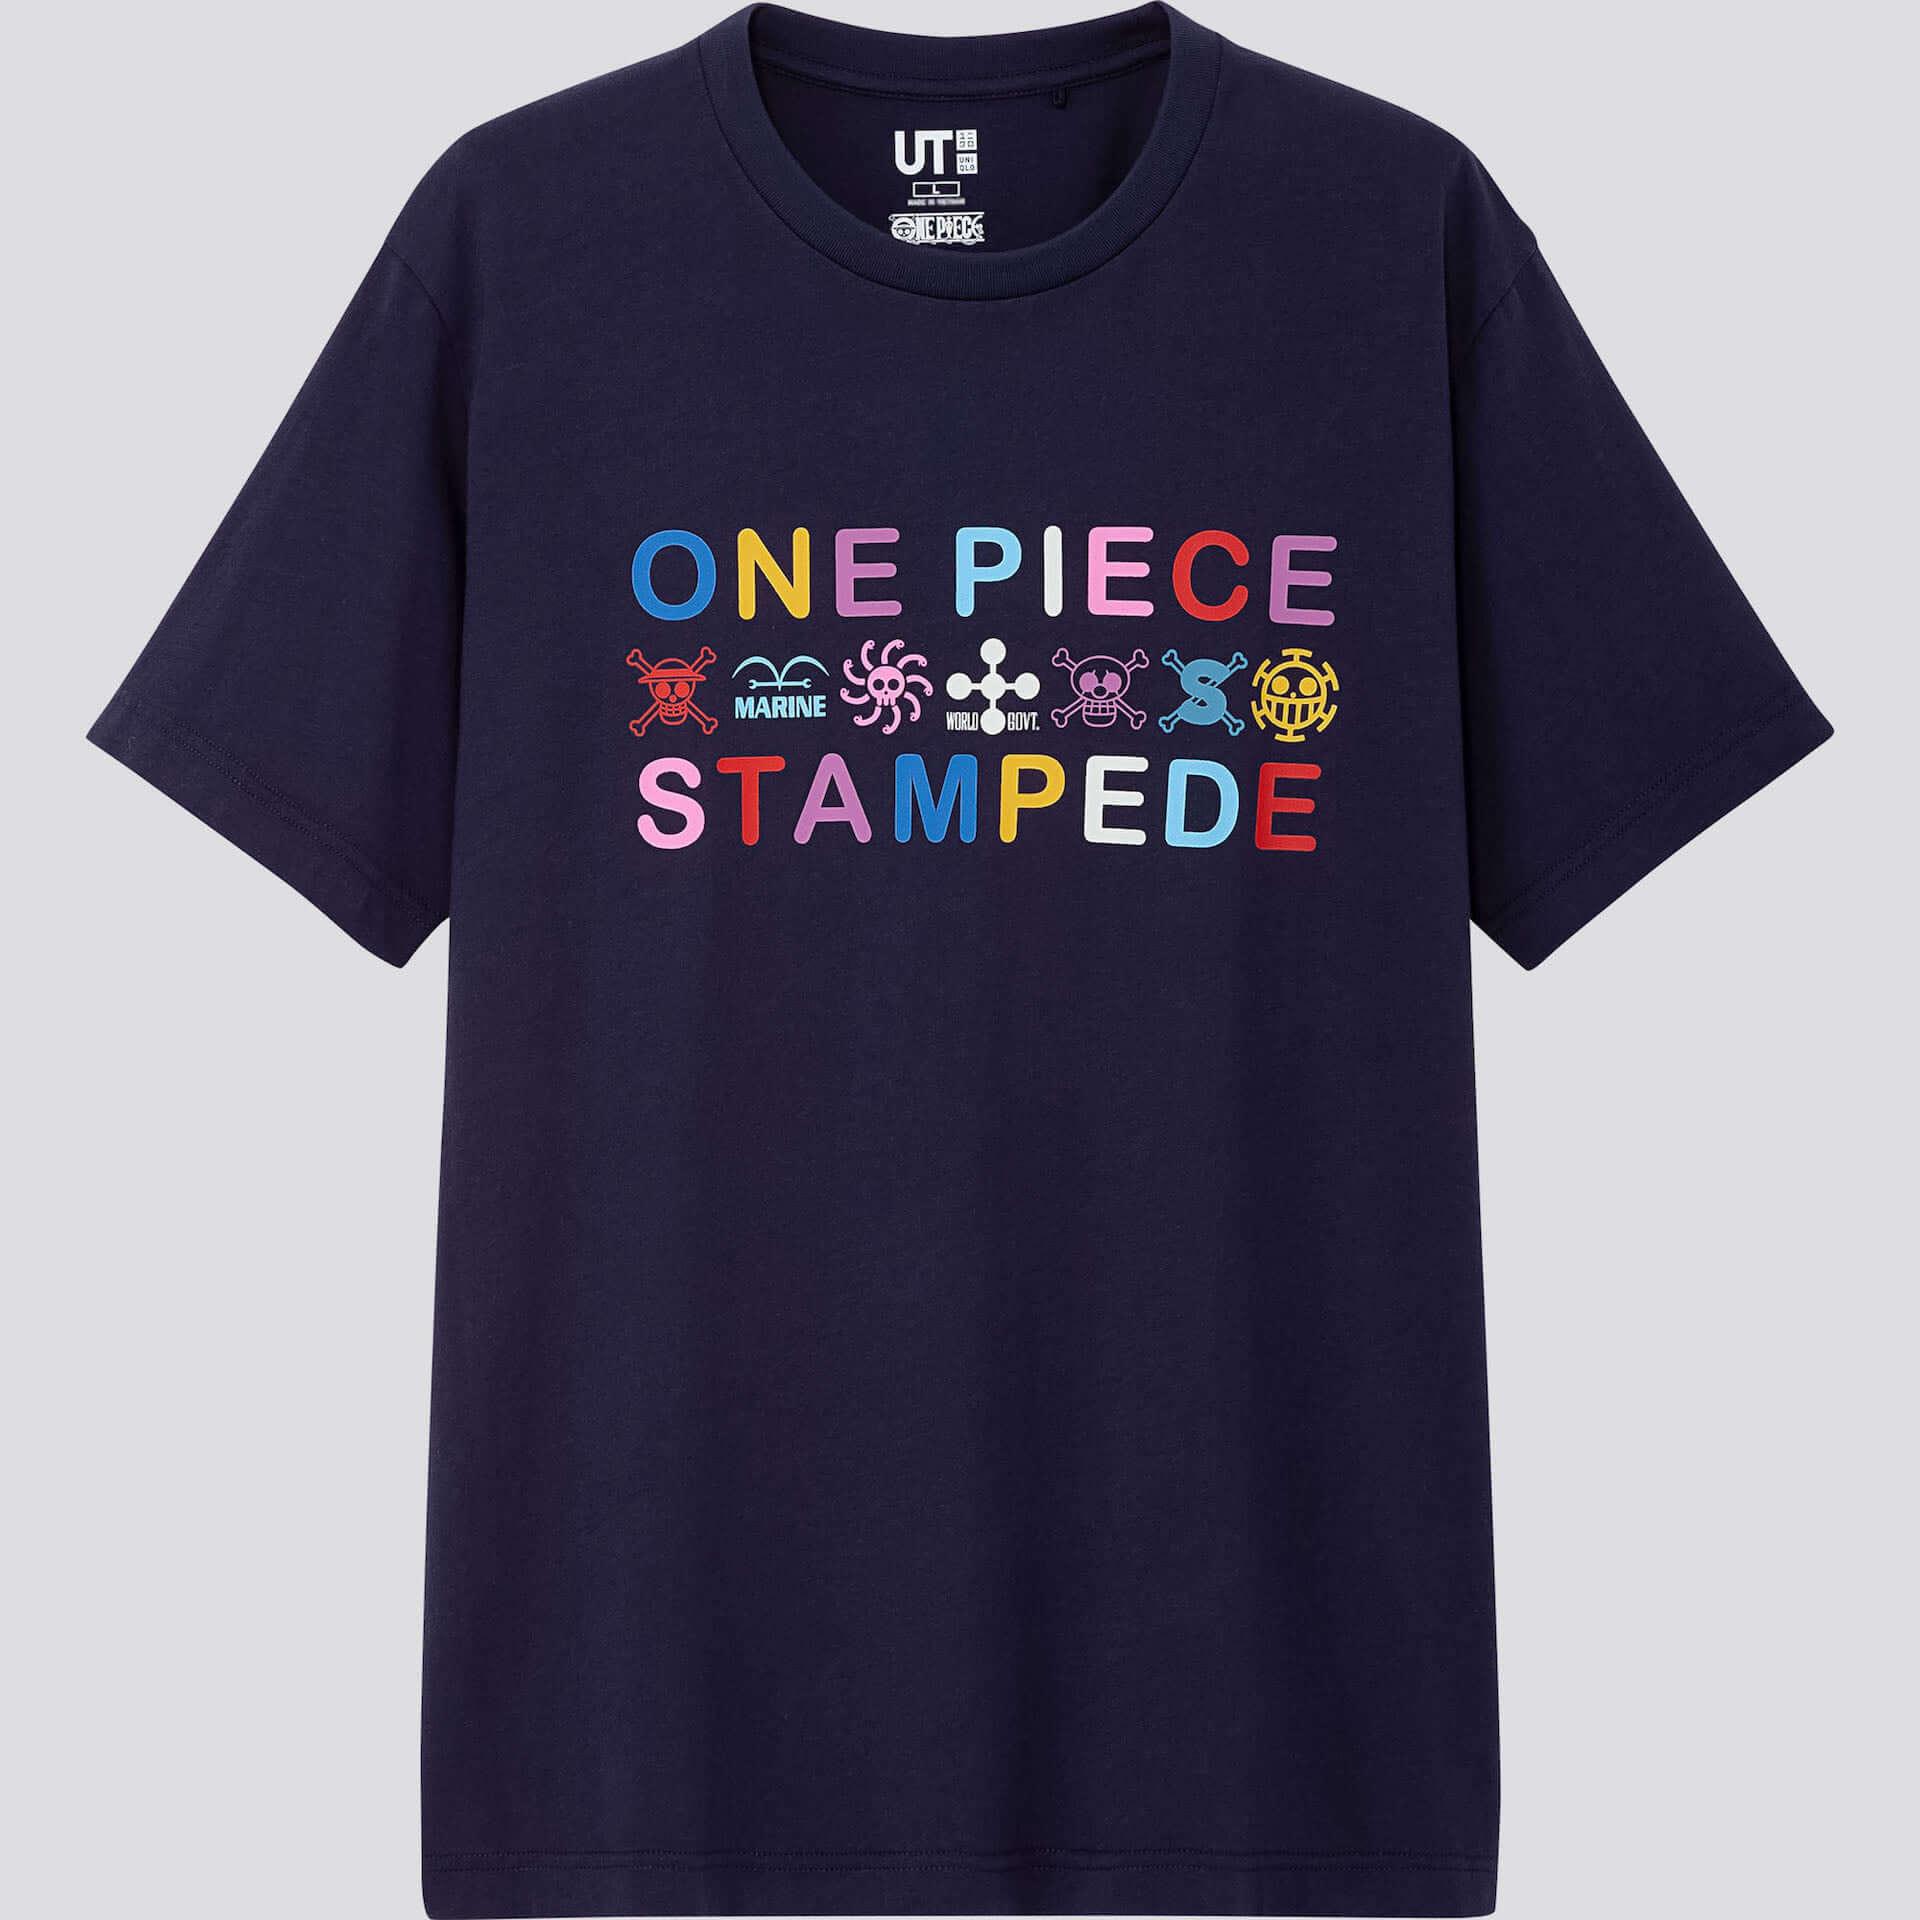 ユニクロとONE PIECEの第2弾コラボが実現!UTに『ONE PIECE STAMPEDE』シリーズが登場 life190711_onepiece_stampede_5-1920x1920